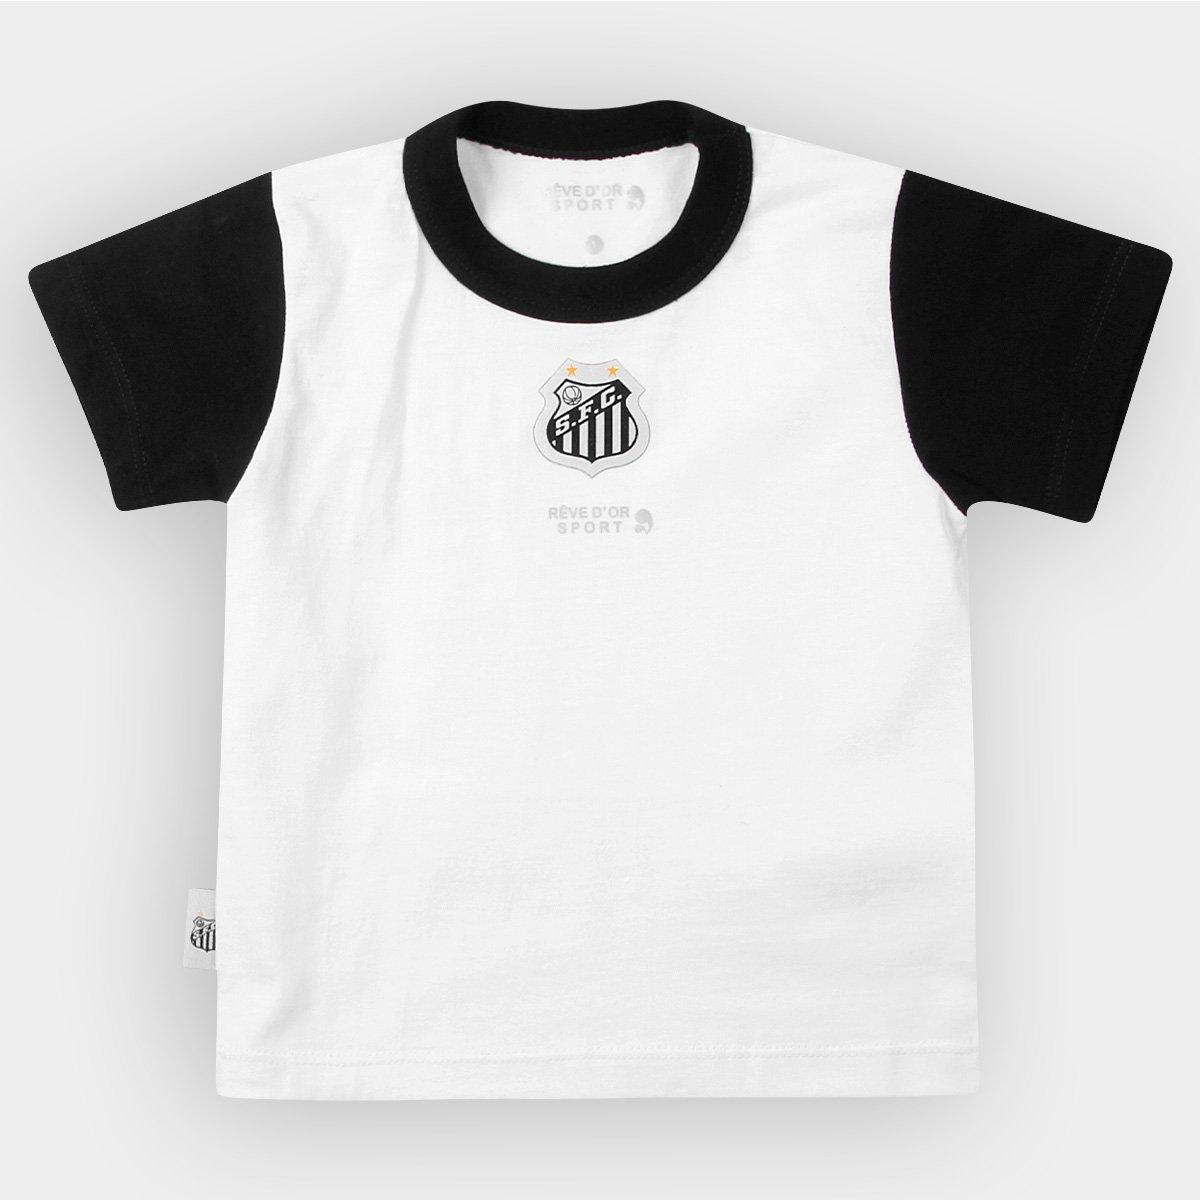 d67b7fe5994f3 Camiseta Bicolor Santos Infantil - Preto e Branco - Compre Agora ...